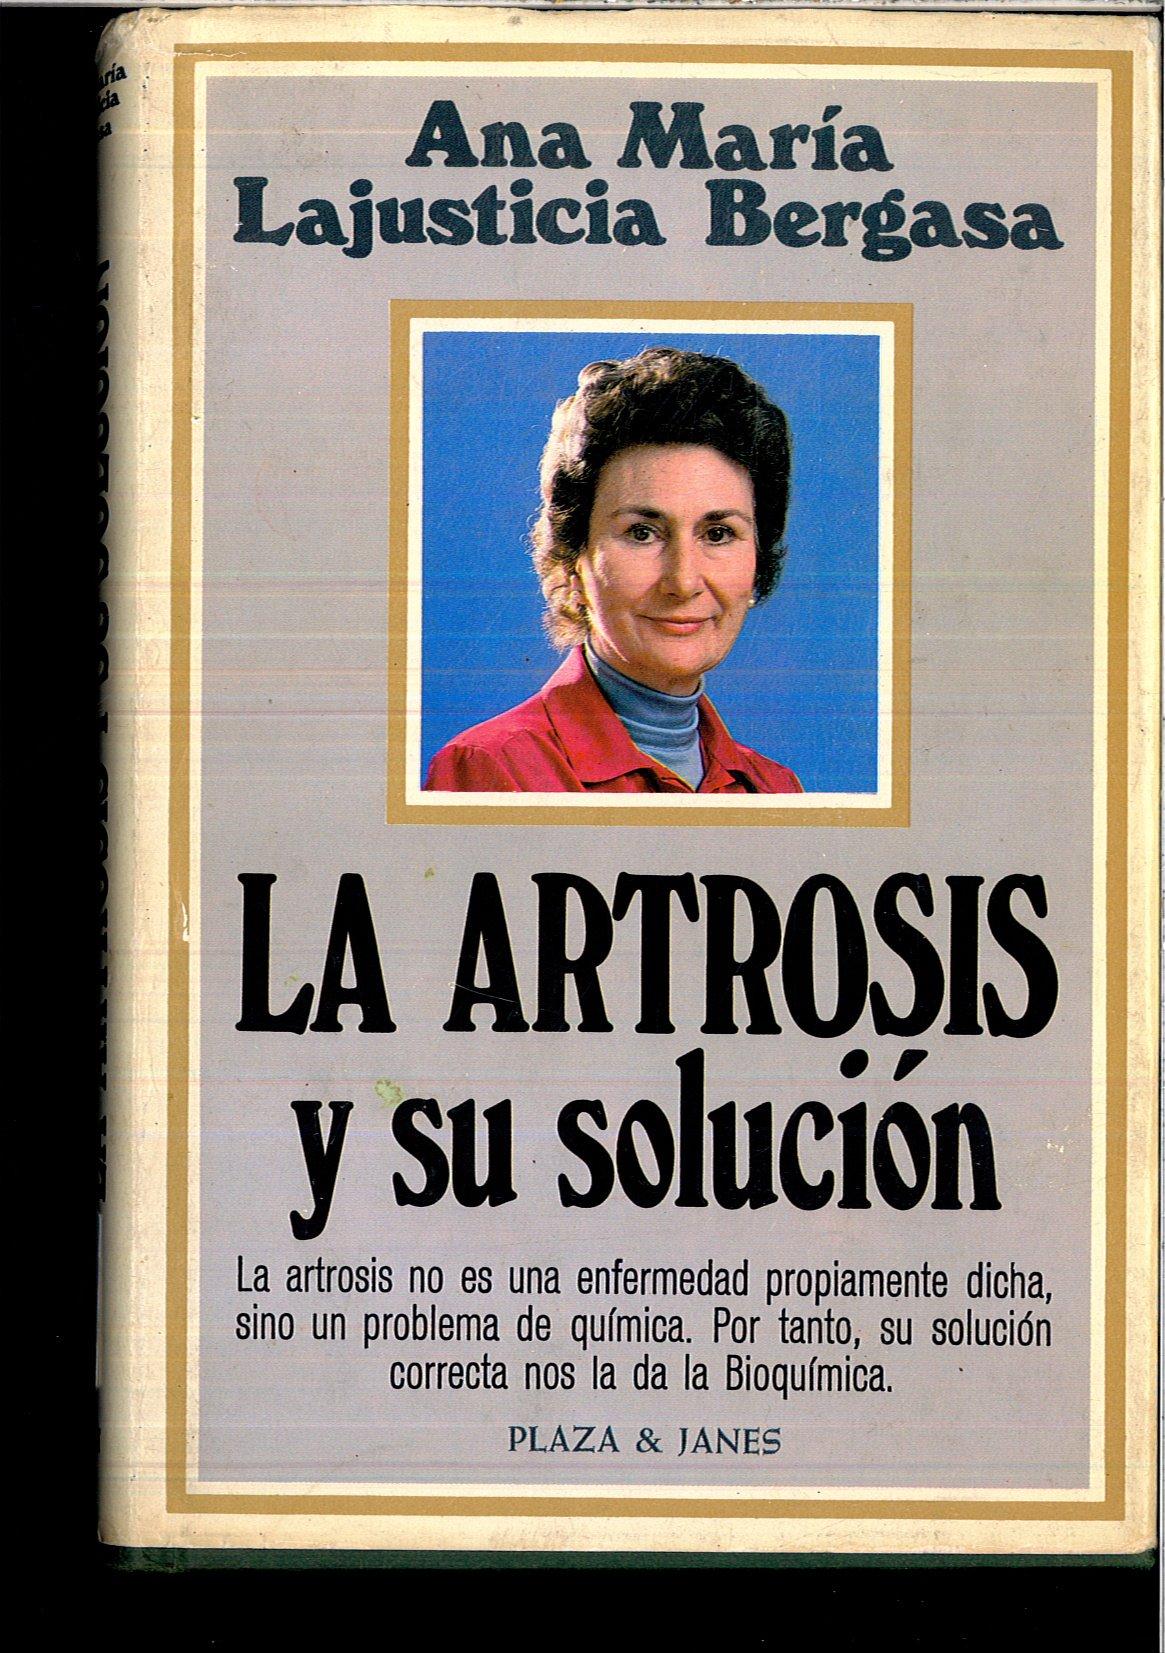 Artrosis y su solucion, la: Amazon.es: Ana María Lajusticia Bergasa: Libros